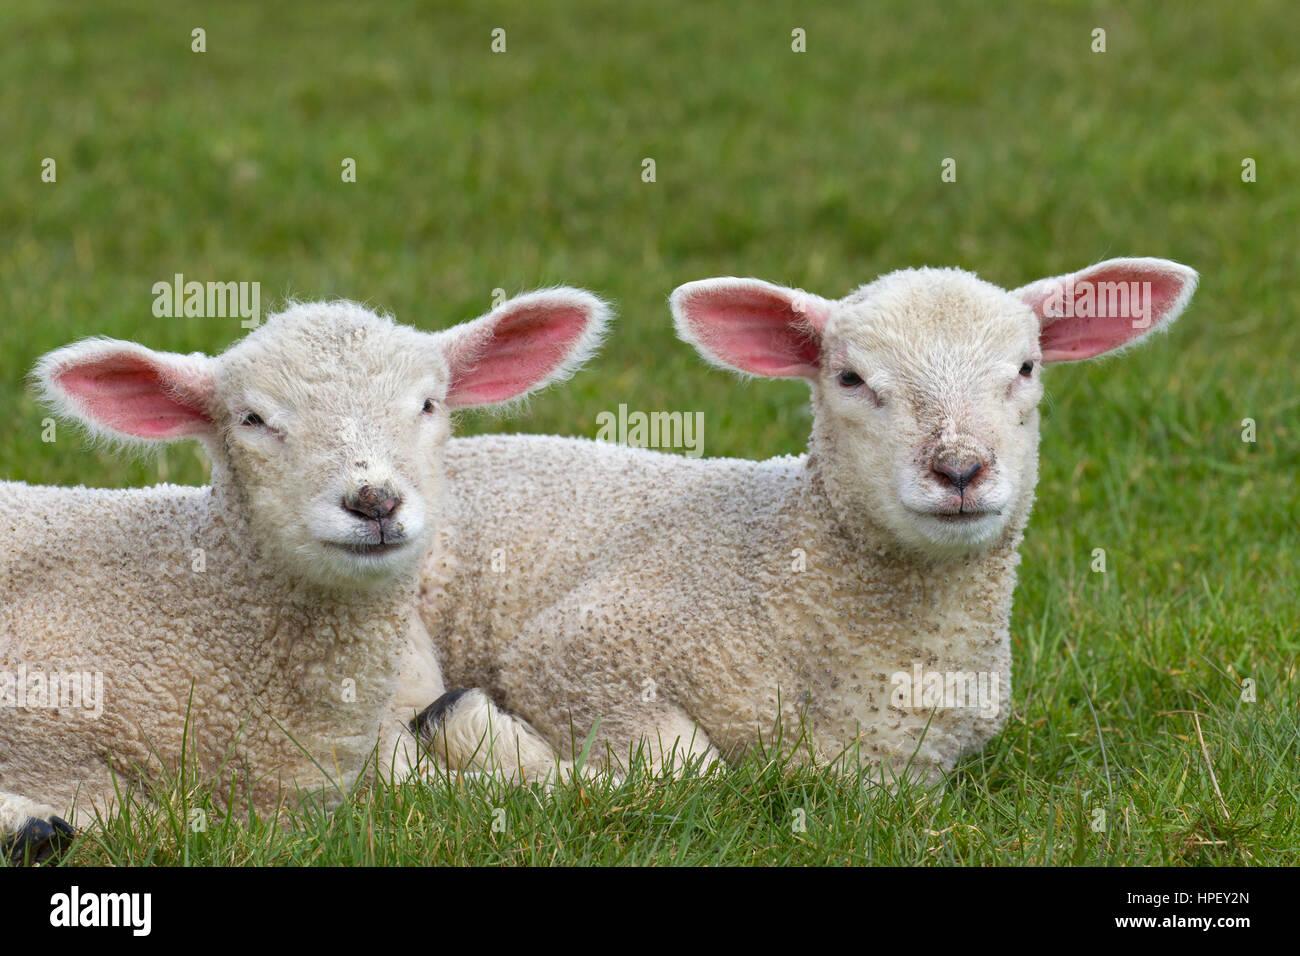 Dos corderos blancos de ovejas domésticas acostado de lado a lado en la pradera Foto de stock